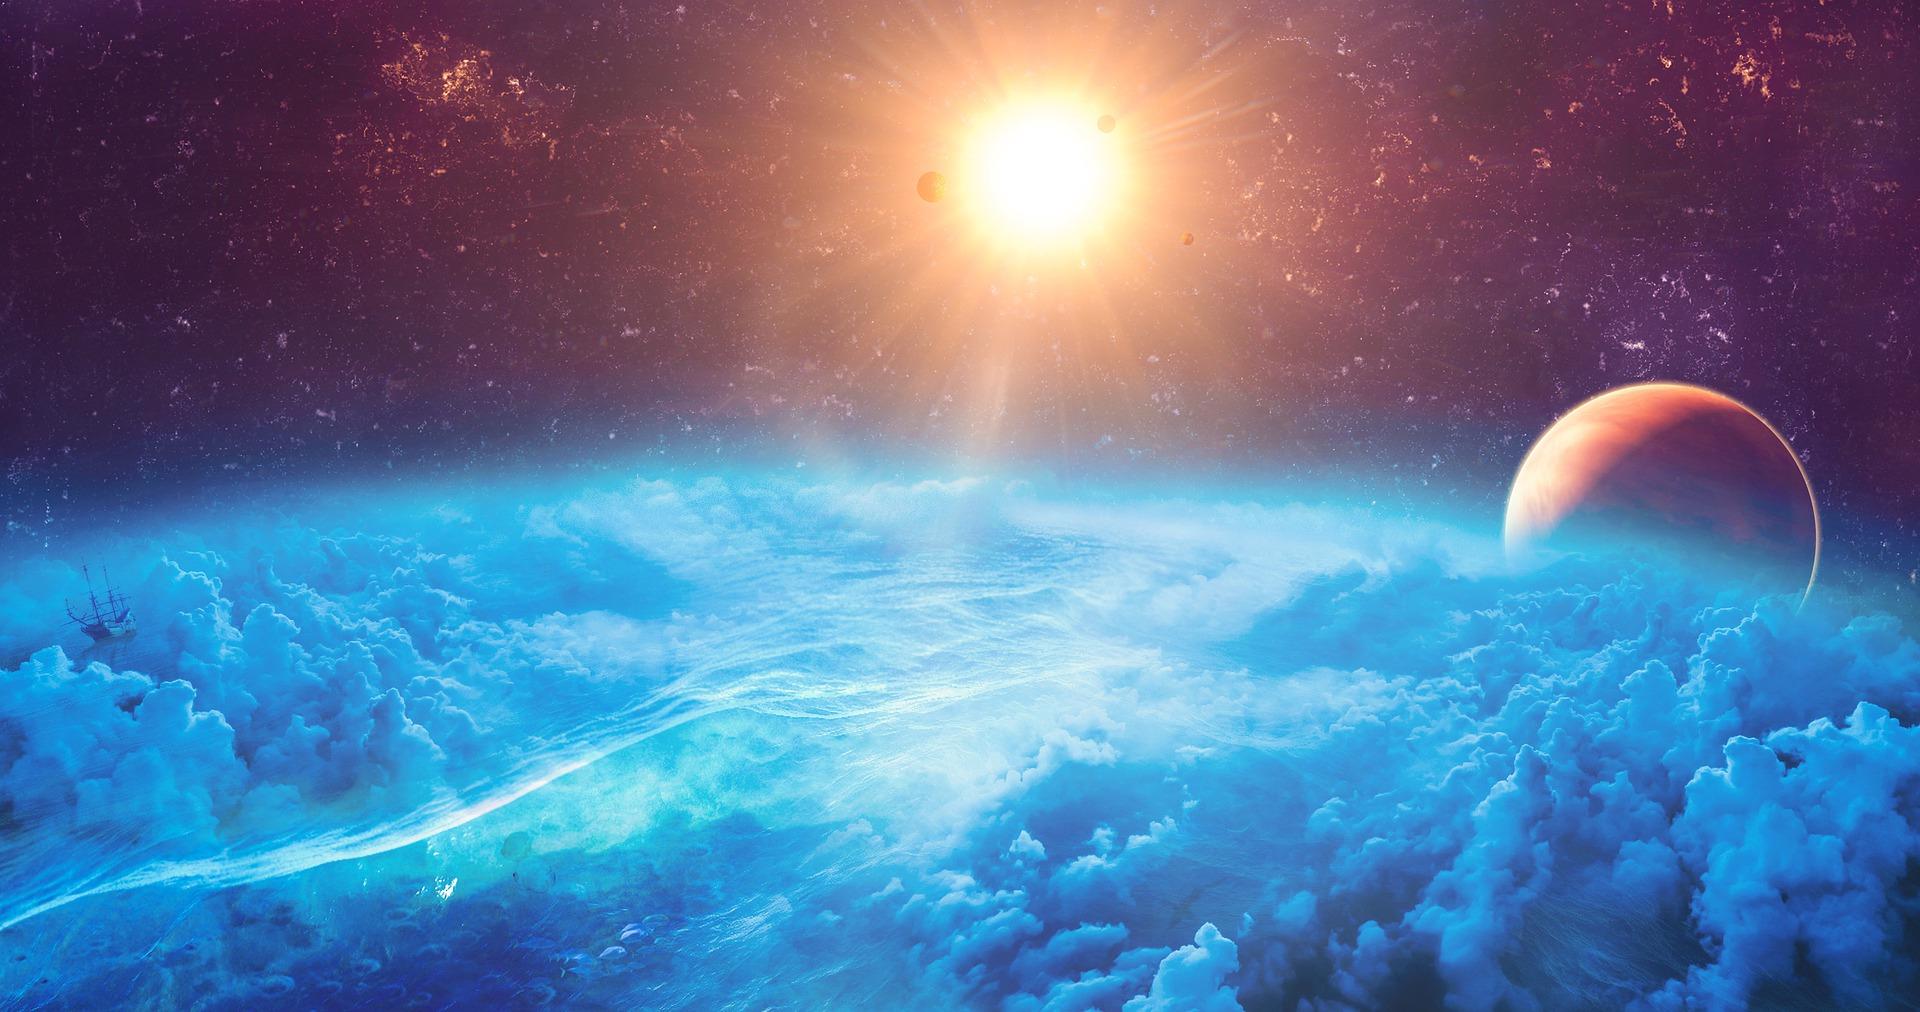 【春分の日とスピリチュアル】宇宙元旦の意味と開運アクション&ケア+エネルギーを取り込む食事でもっとハッピーに